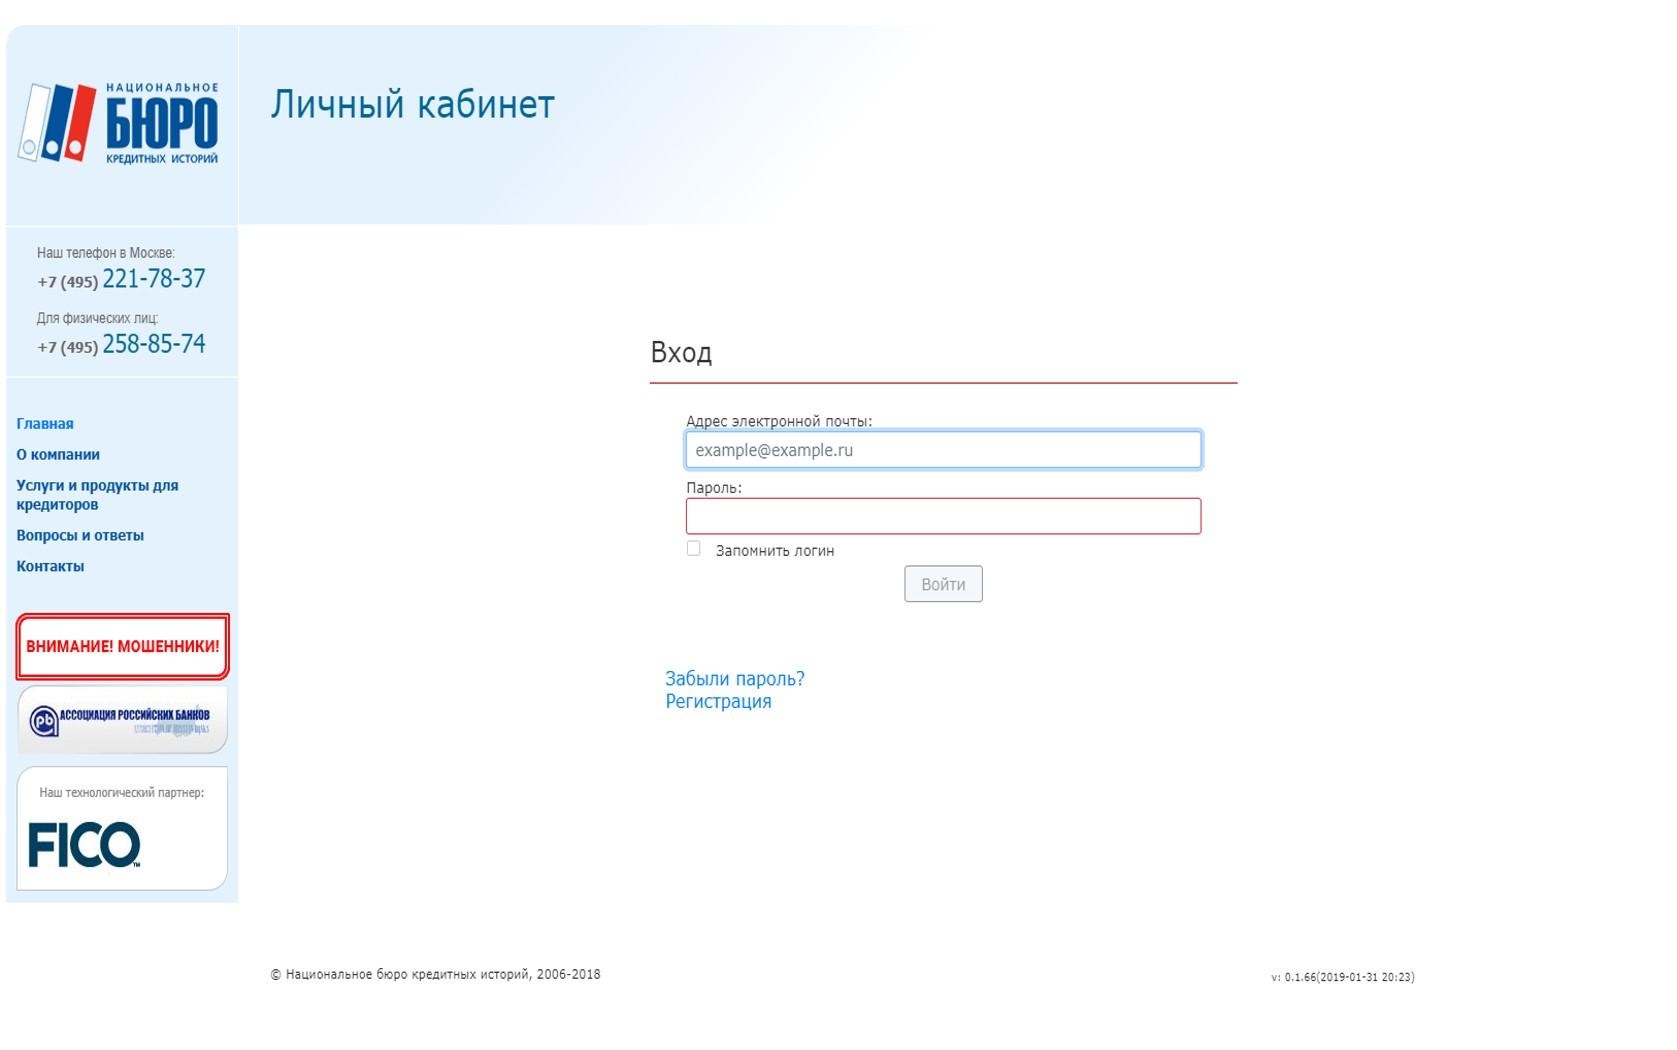 как подать заявку на ипотеку в втб 24 онлайн заявка без справок